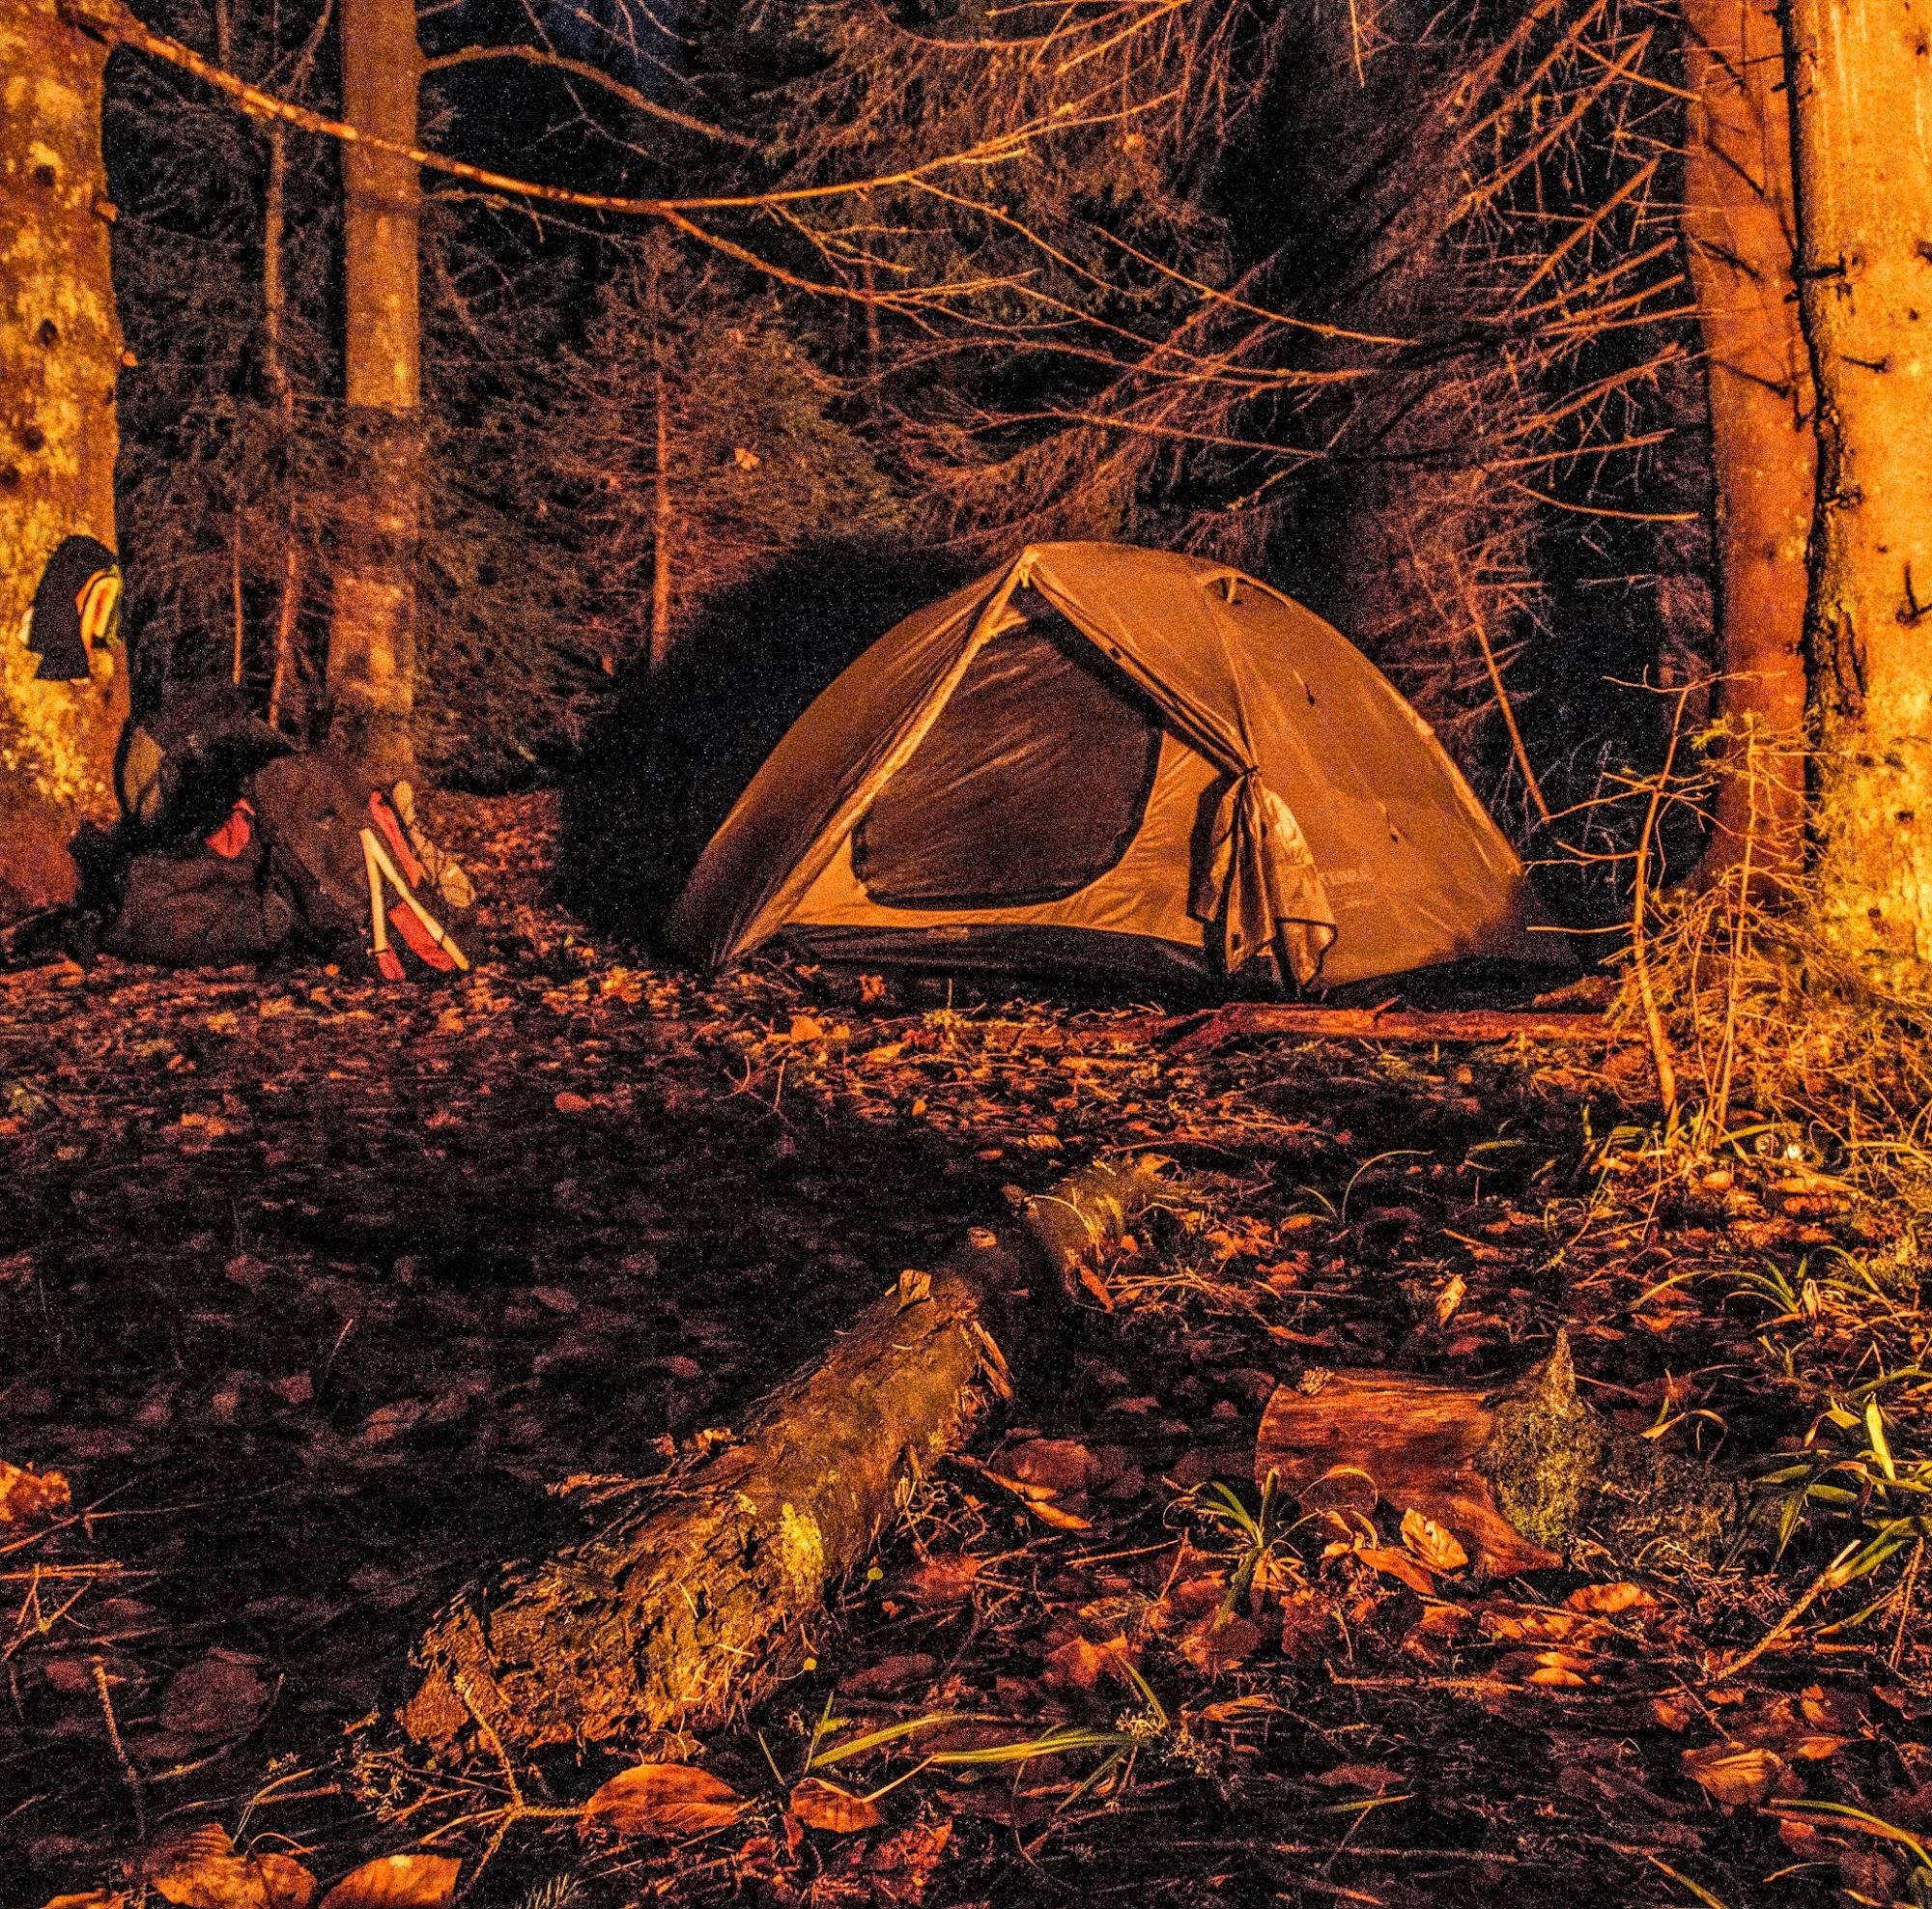 Табір в лісі, ніч в горах Перевал Німецький, руський путь